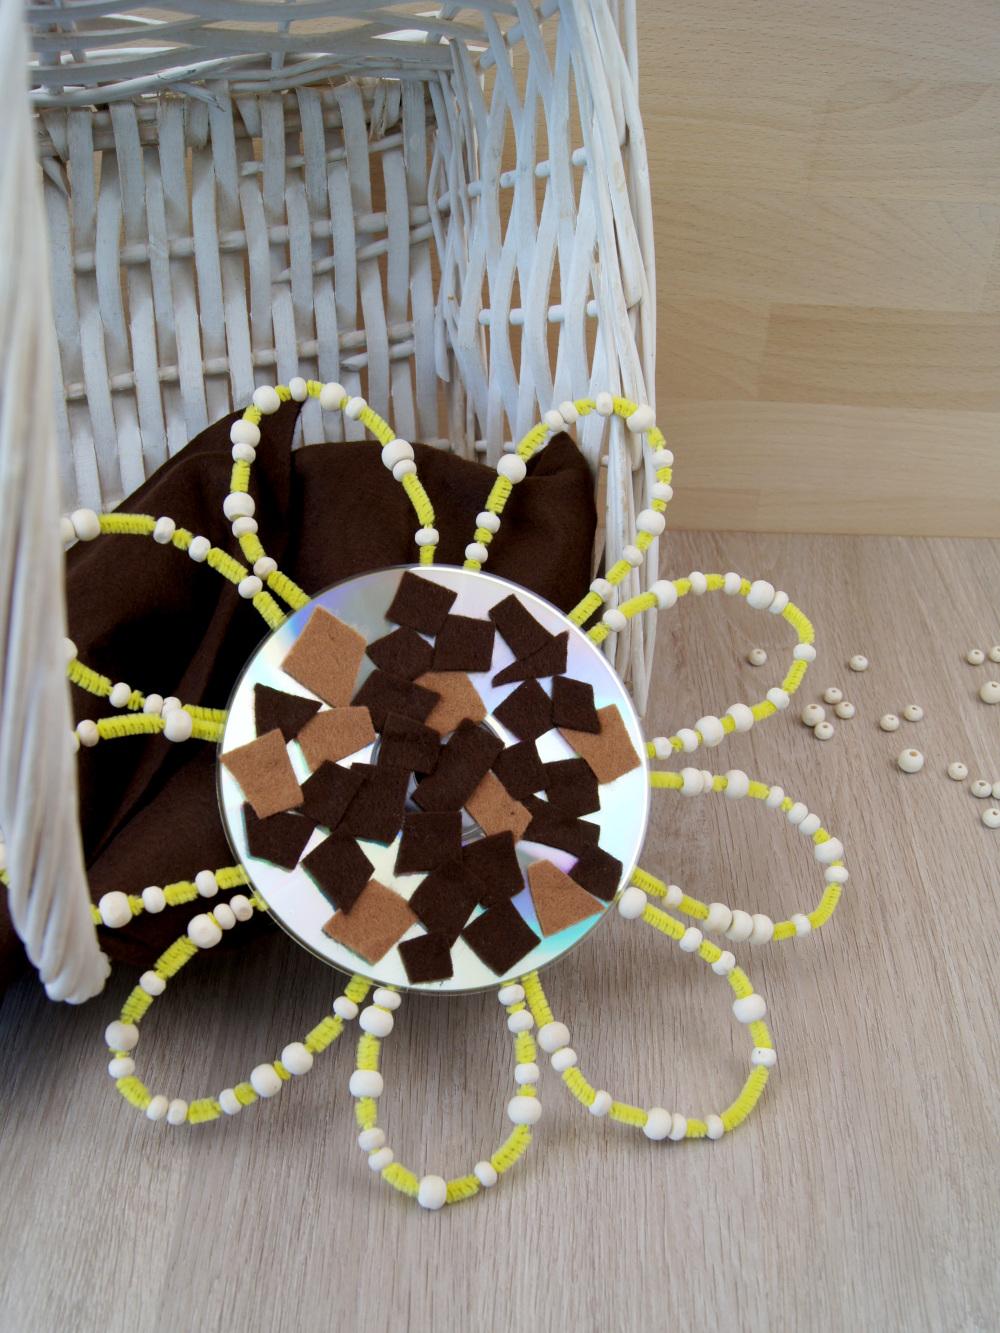 Anleitung: Eine Sonnenblume aus einer CD gestalten | Upcycling und basteln mit Kindern | von Fantasiewerk #bastelnmitkindern #upcycling #kidscraft